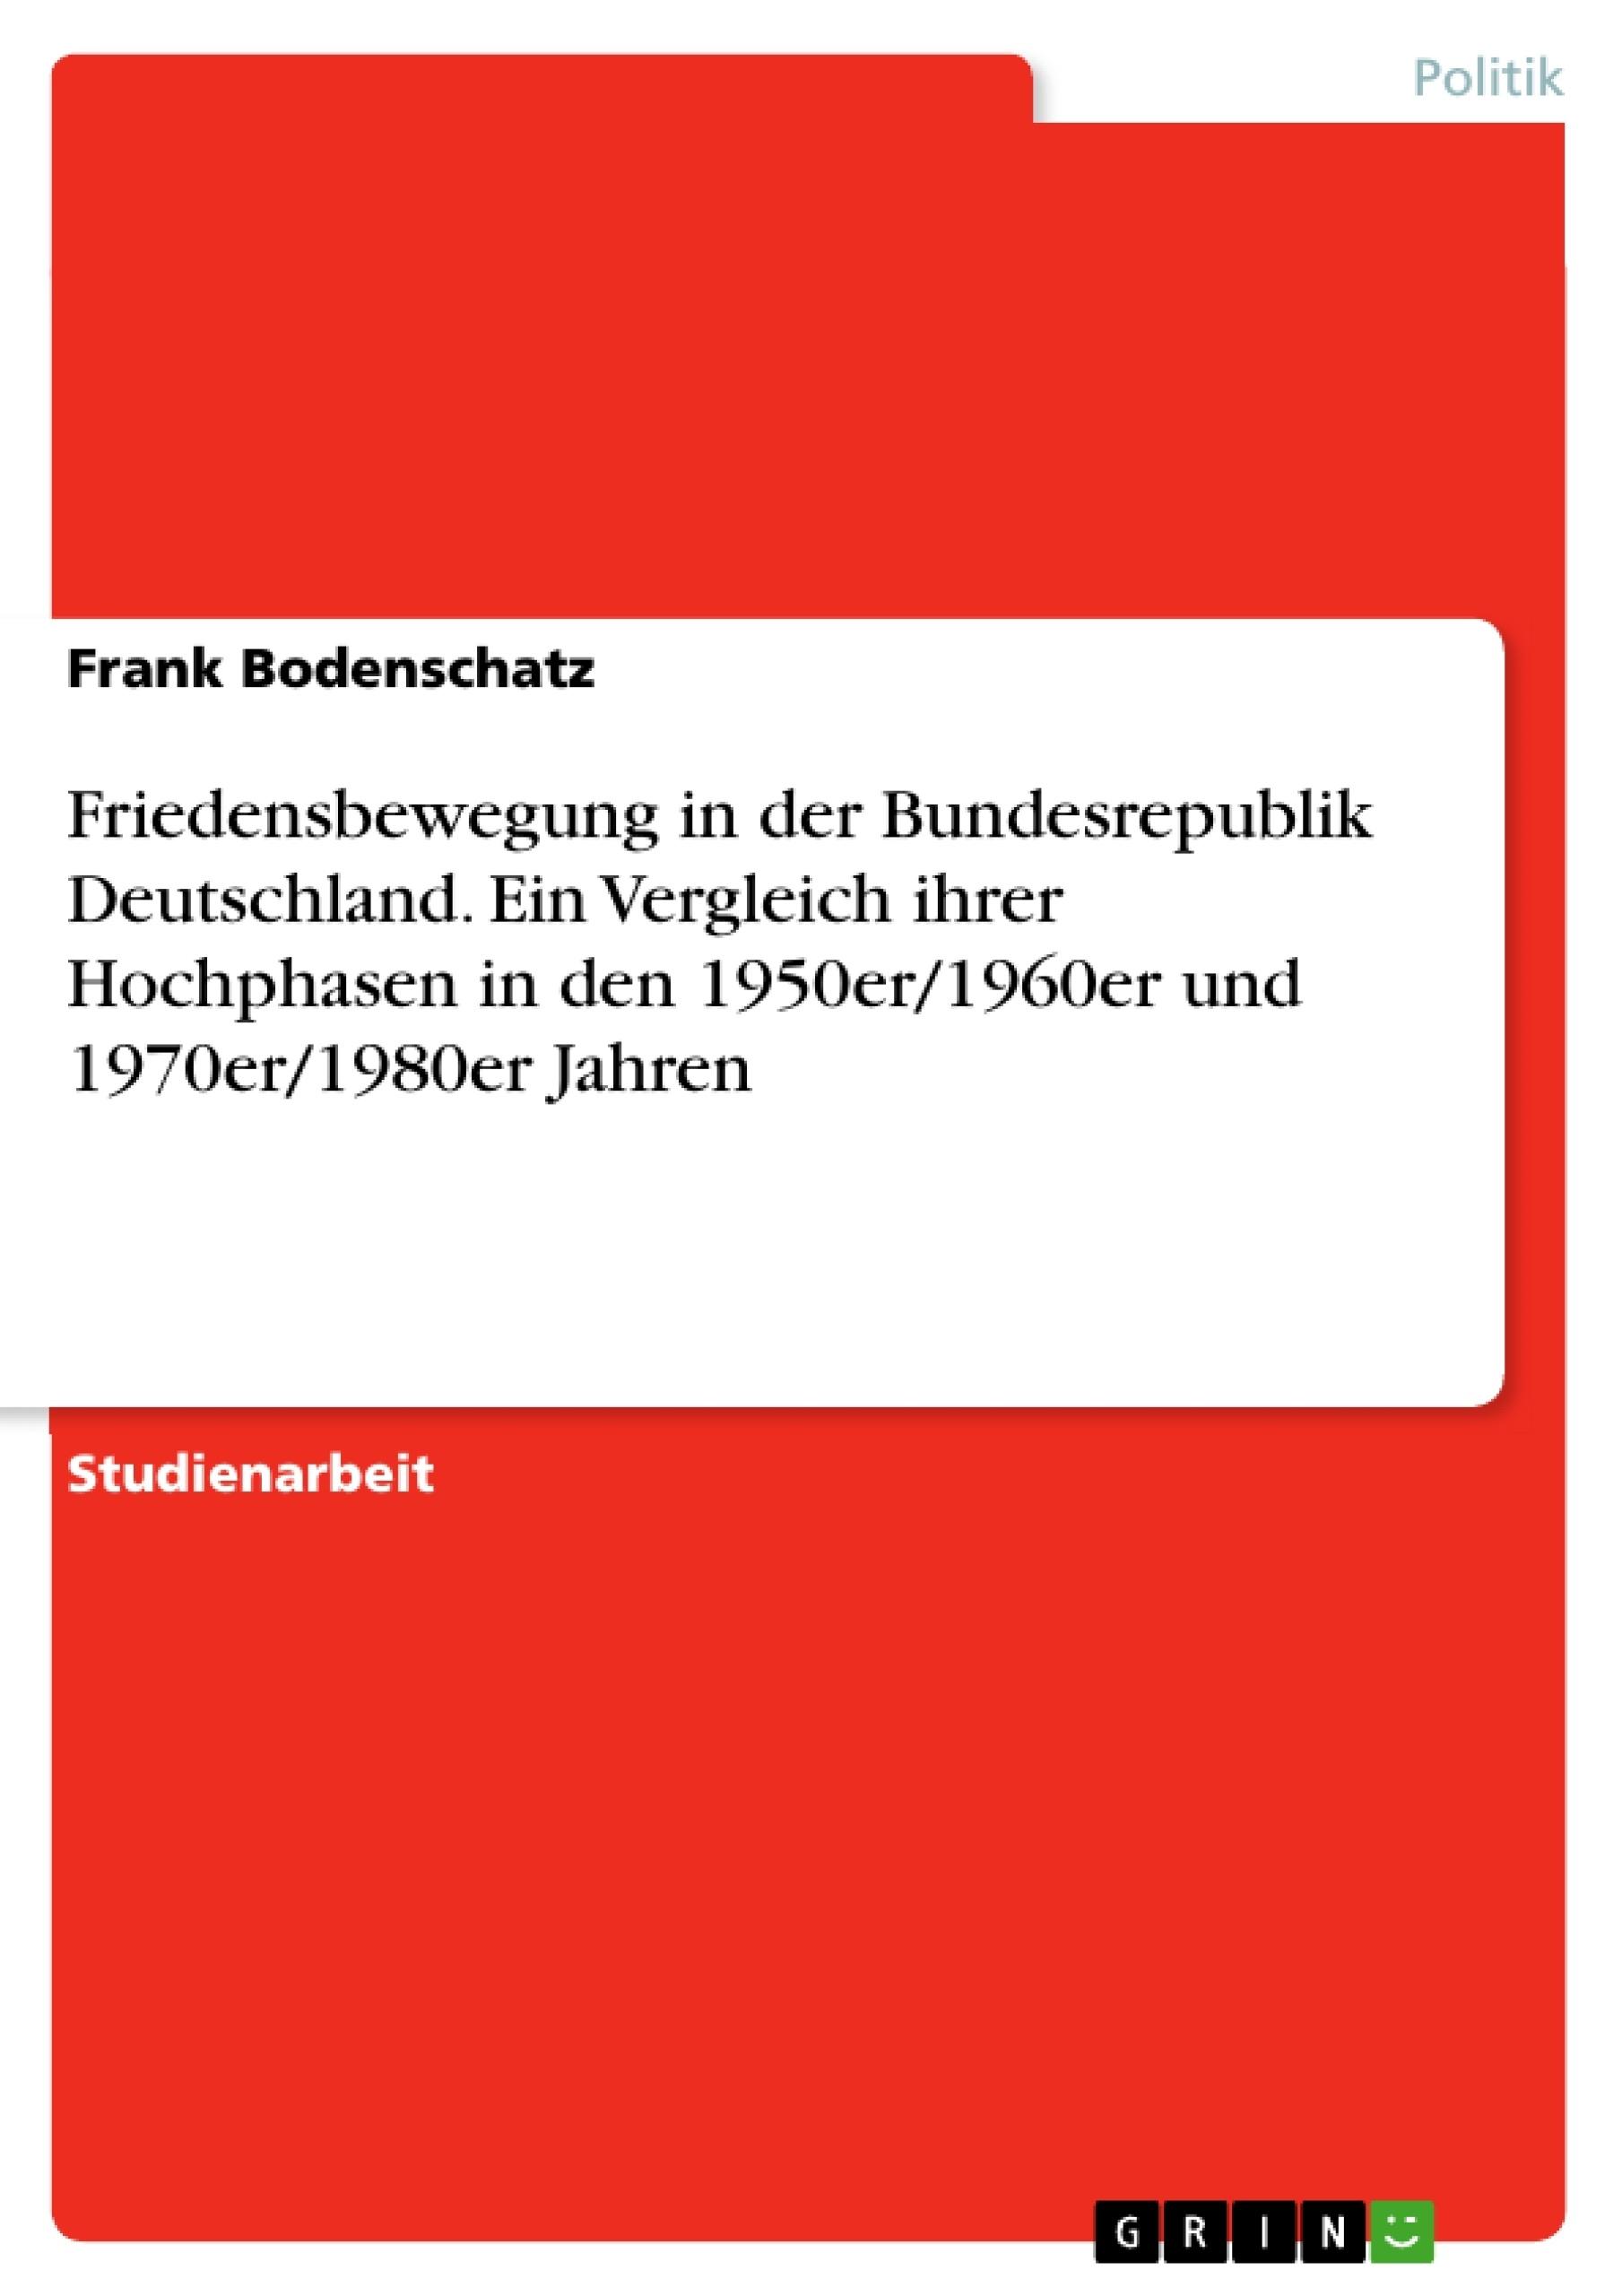 Titel: Friedensbewegung in der Bundesrepublik Deutschland. Ein Vergleich ihrer Hochphasen in den 1950er/1960er und 1970er/1980er Jahren